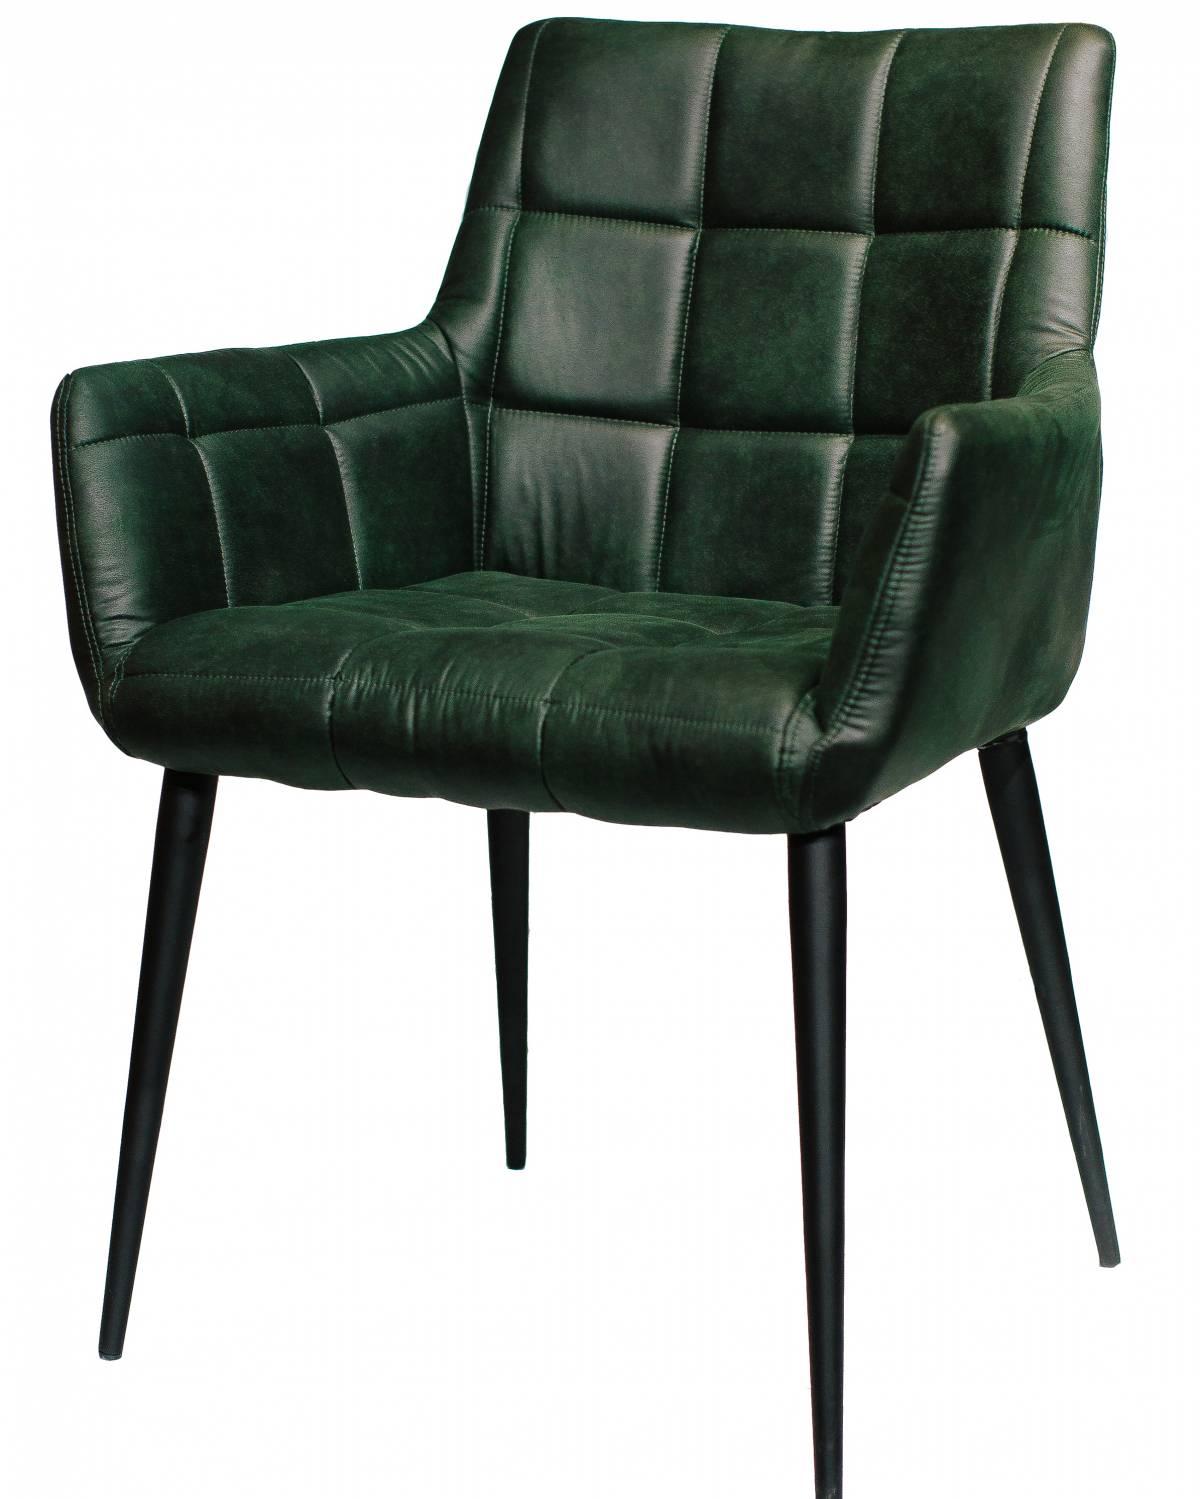 Купить стул с подлокотниками Jackwood West экокожа в Raroom